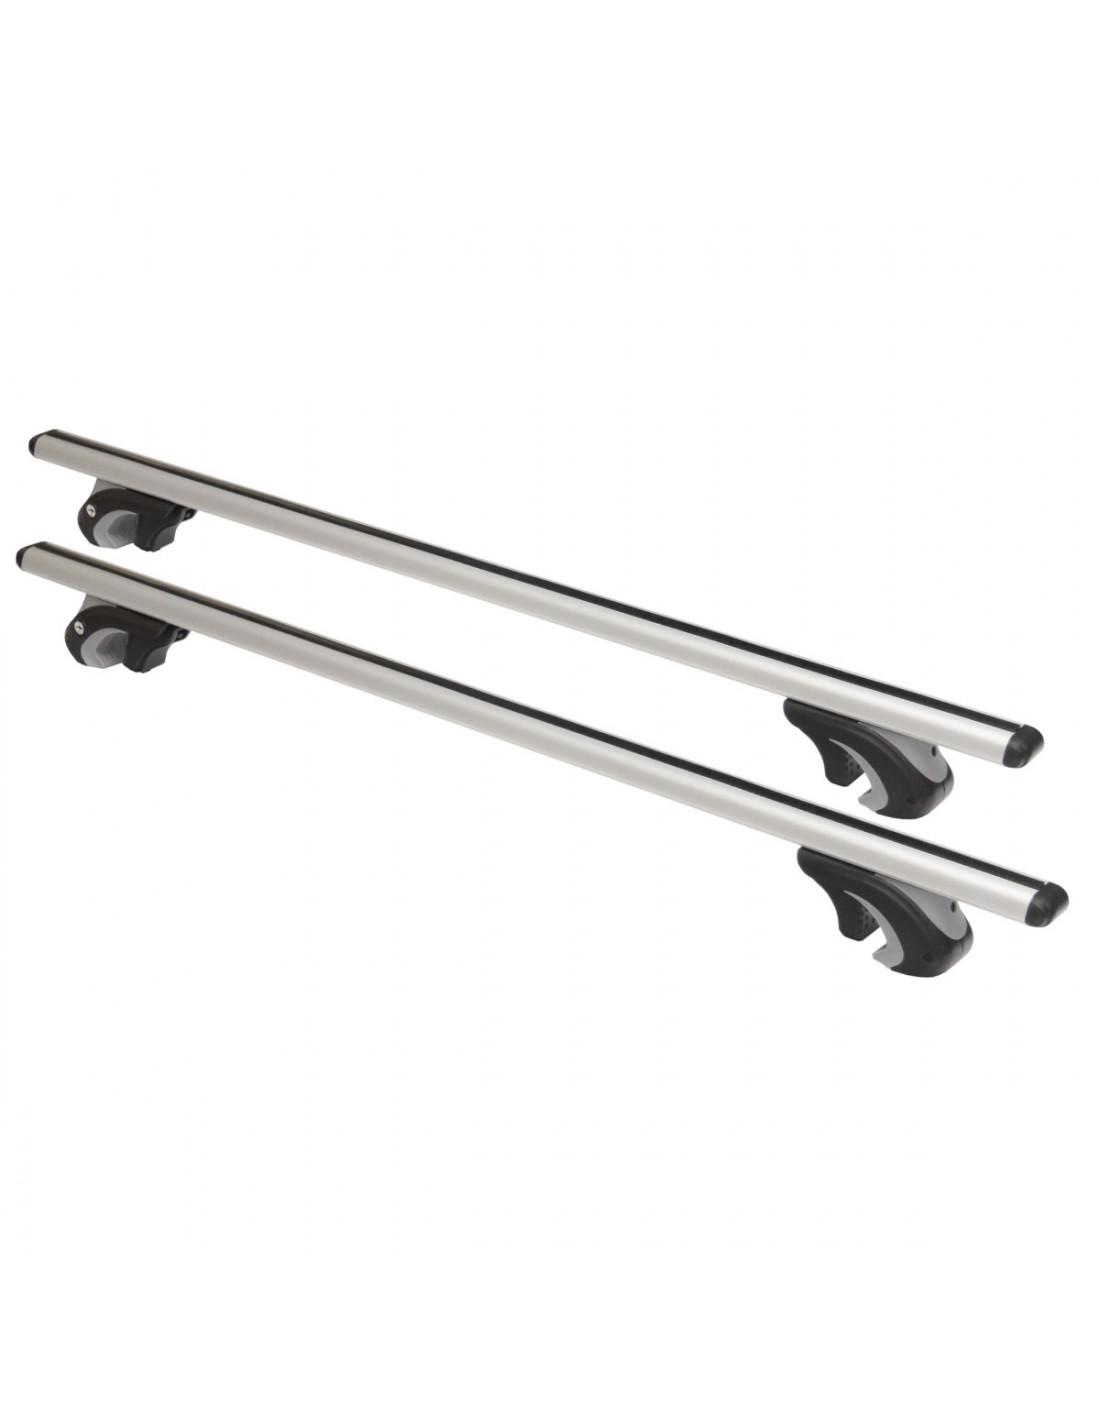 Hak holowniczy wypinany Skoda Octavia I (5 drzwi) od 12